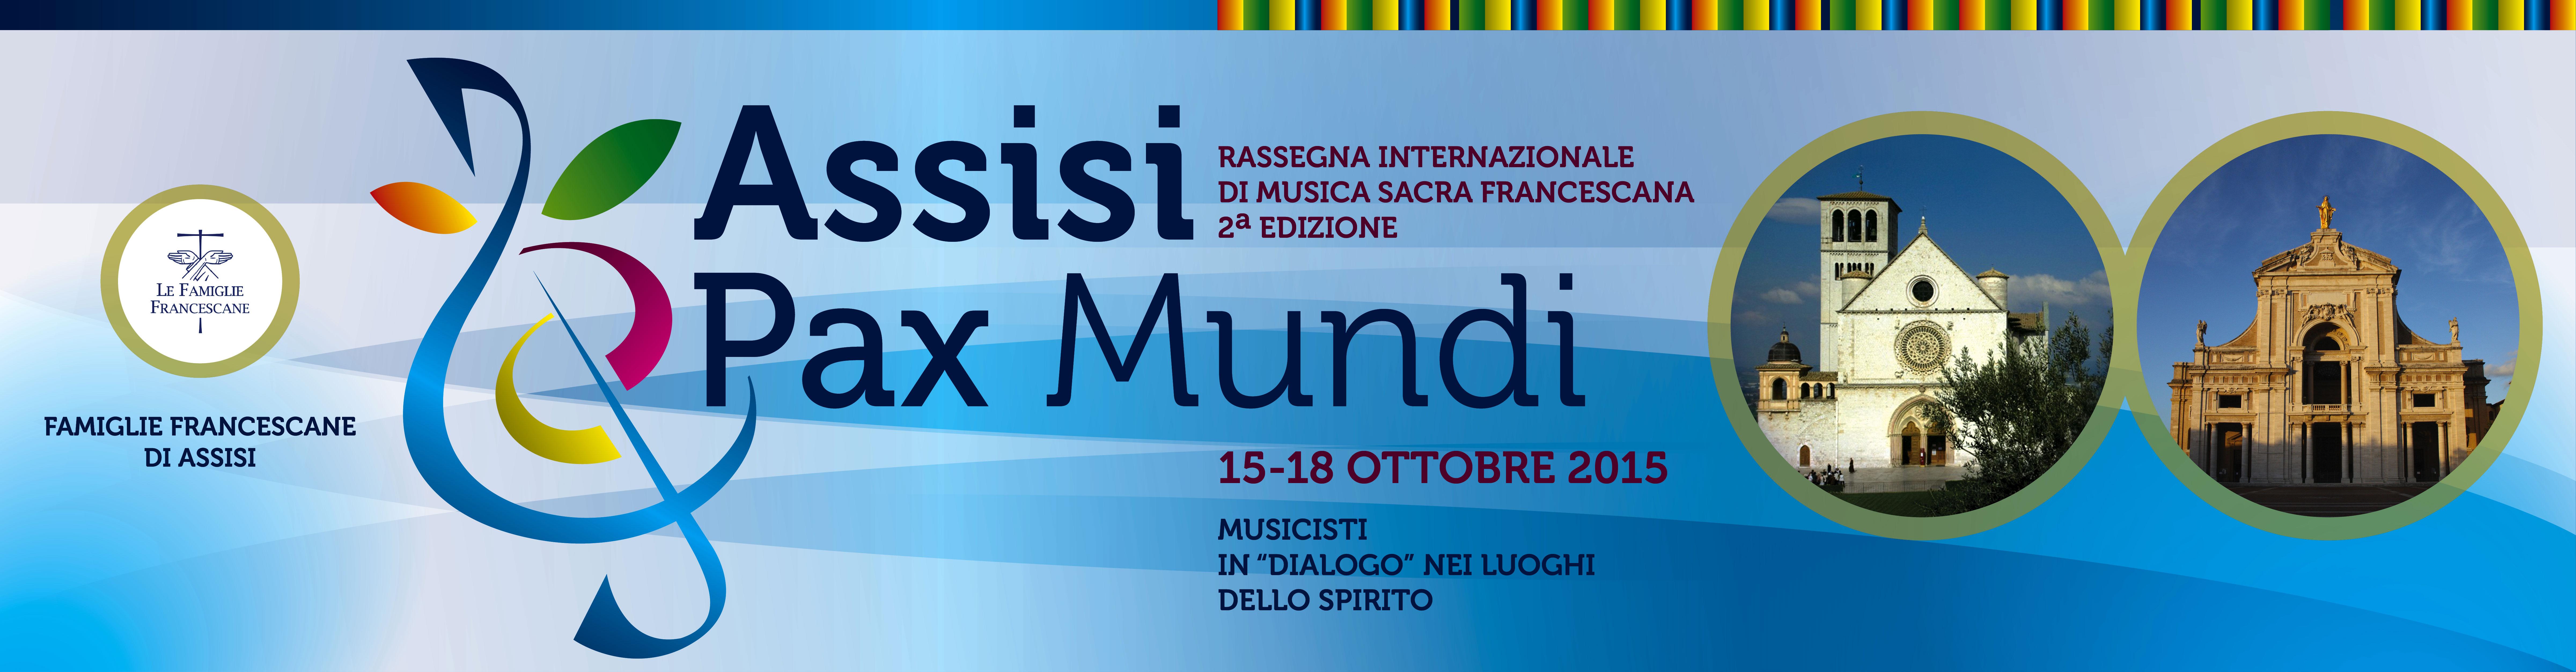 Assisi Pax Mundi 2015